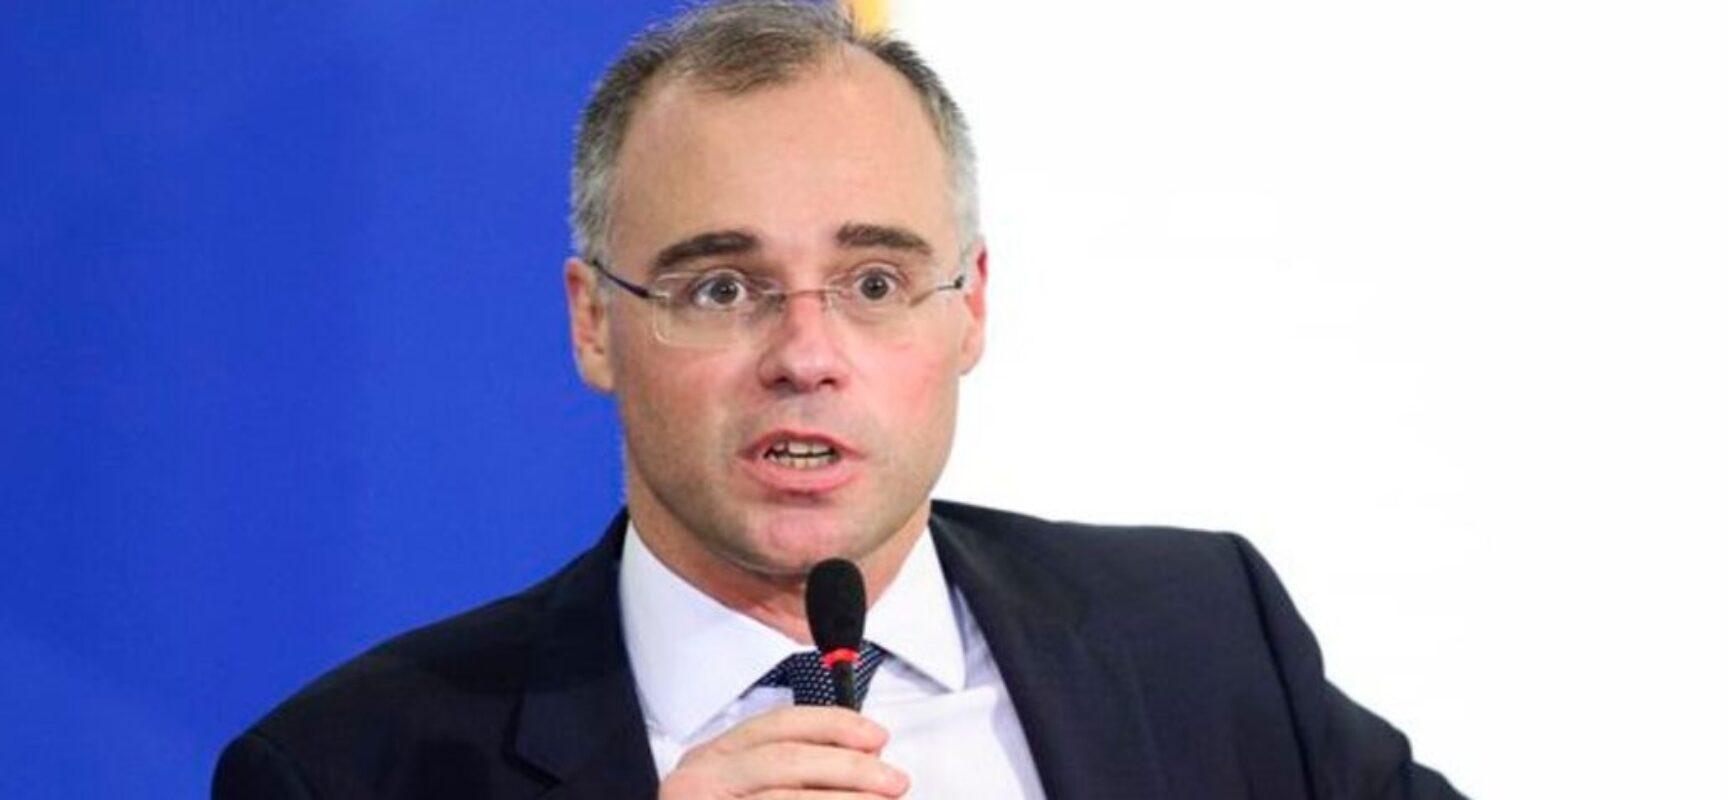 Discurso de Bolsonaro complica ambiente para aprovação de Mendonça ao STF